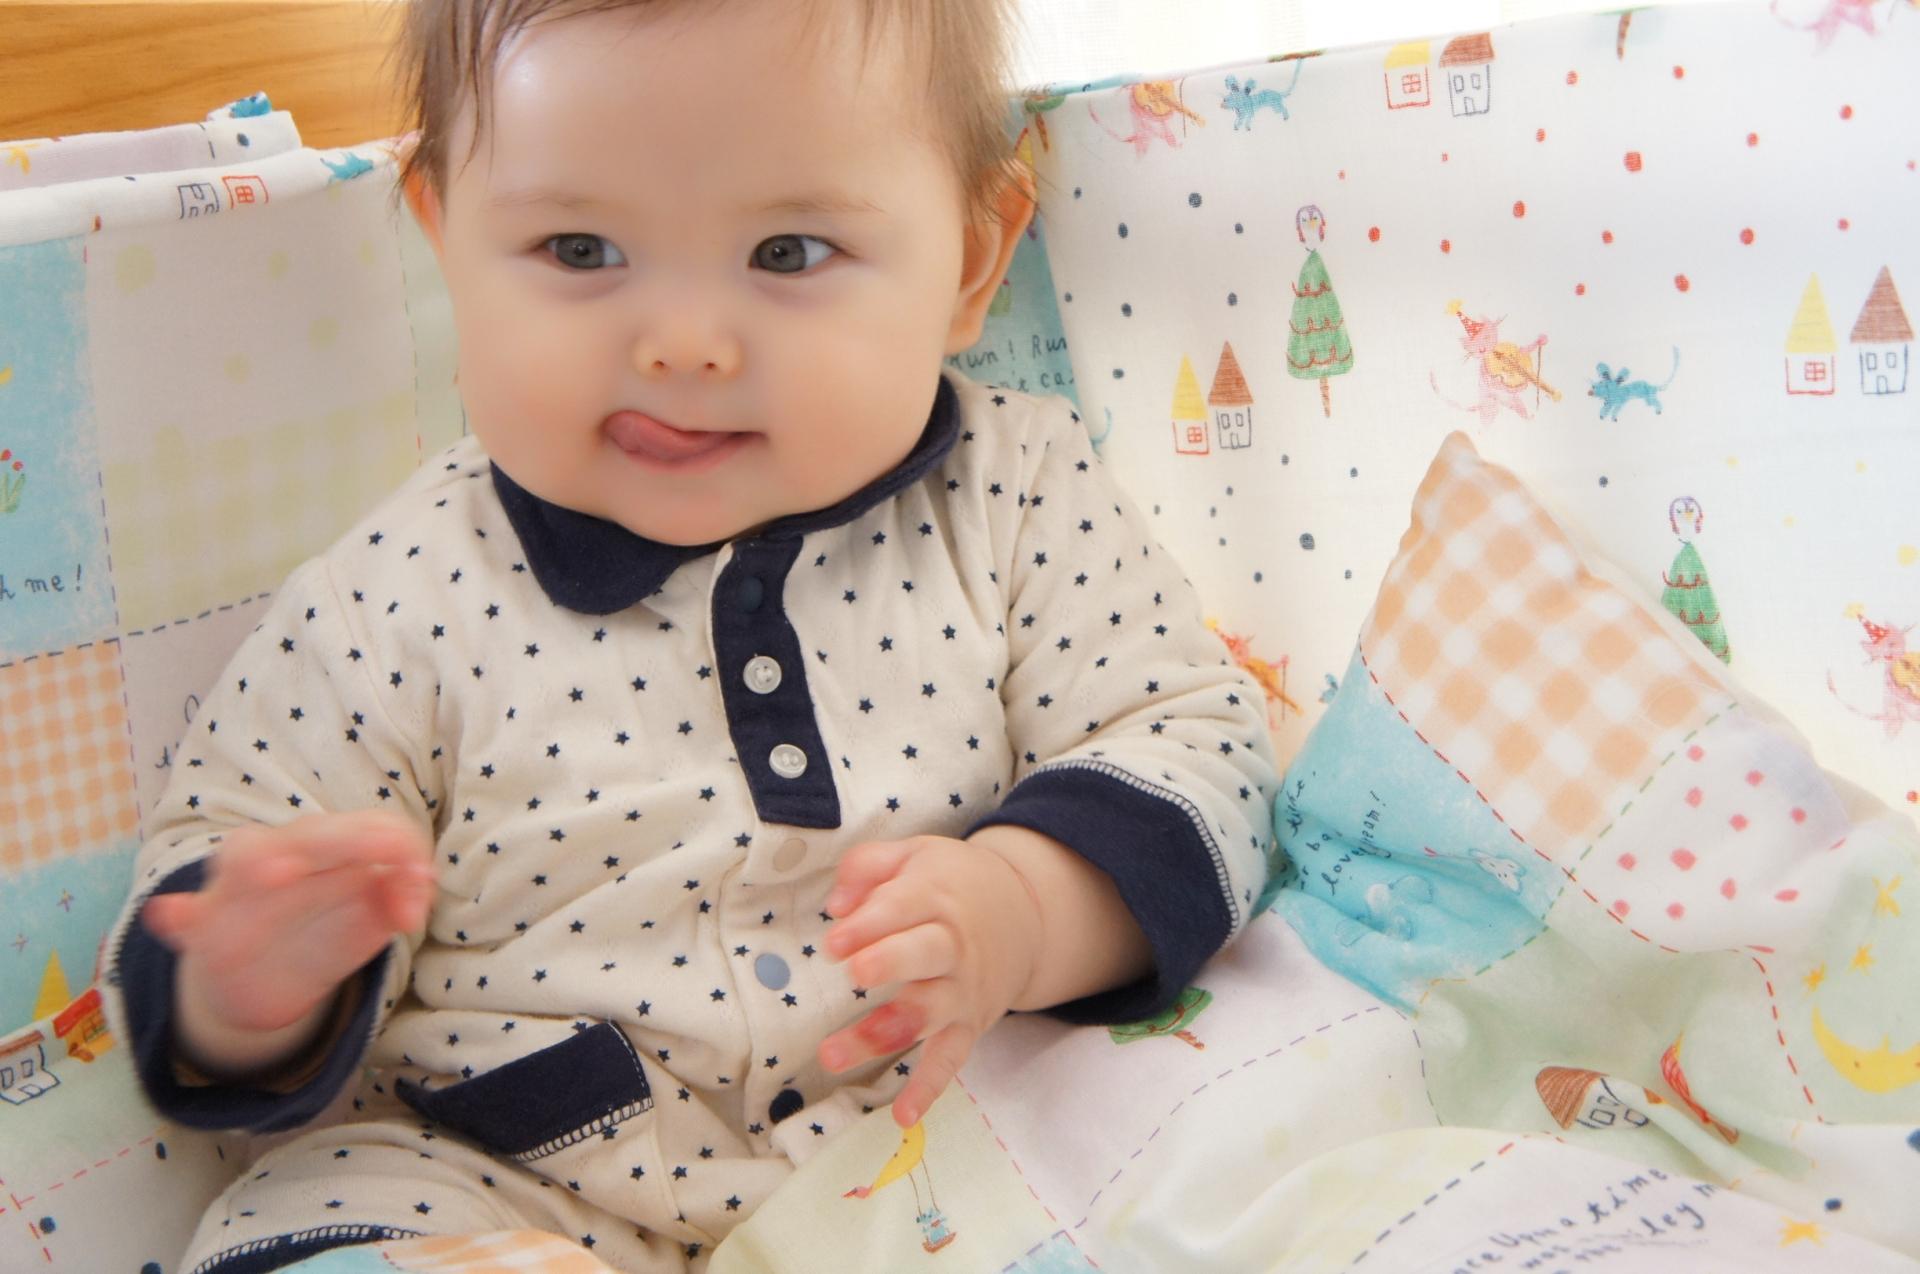 泣く!寝ない!元気な赤ちゃんにお困りのママに贈りたい4つの秘策